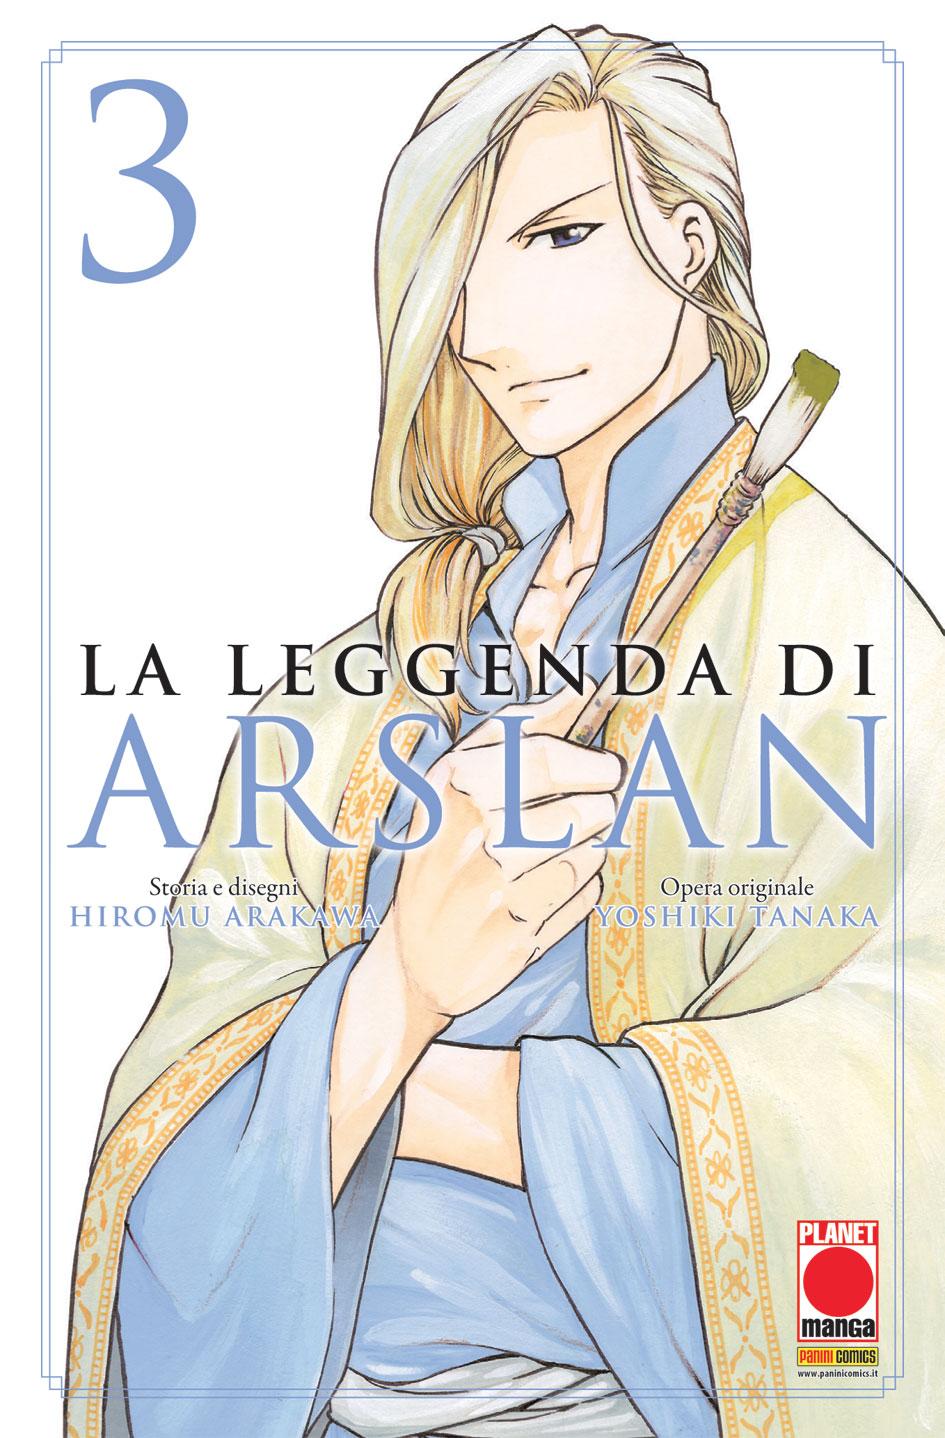 La leggenda di Arslan vol. 3